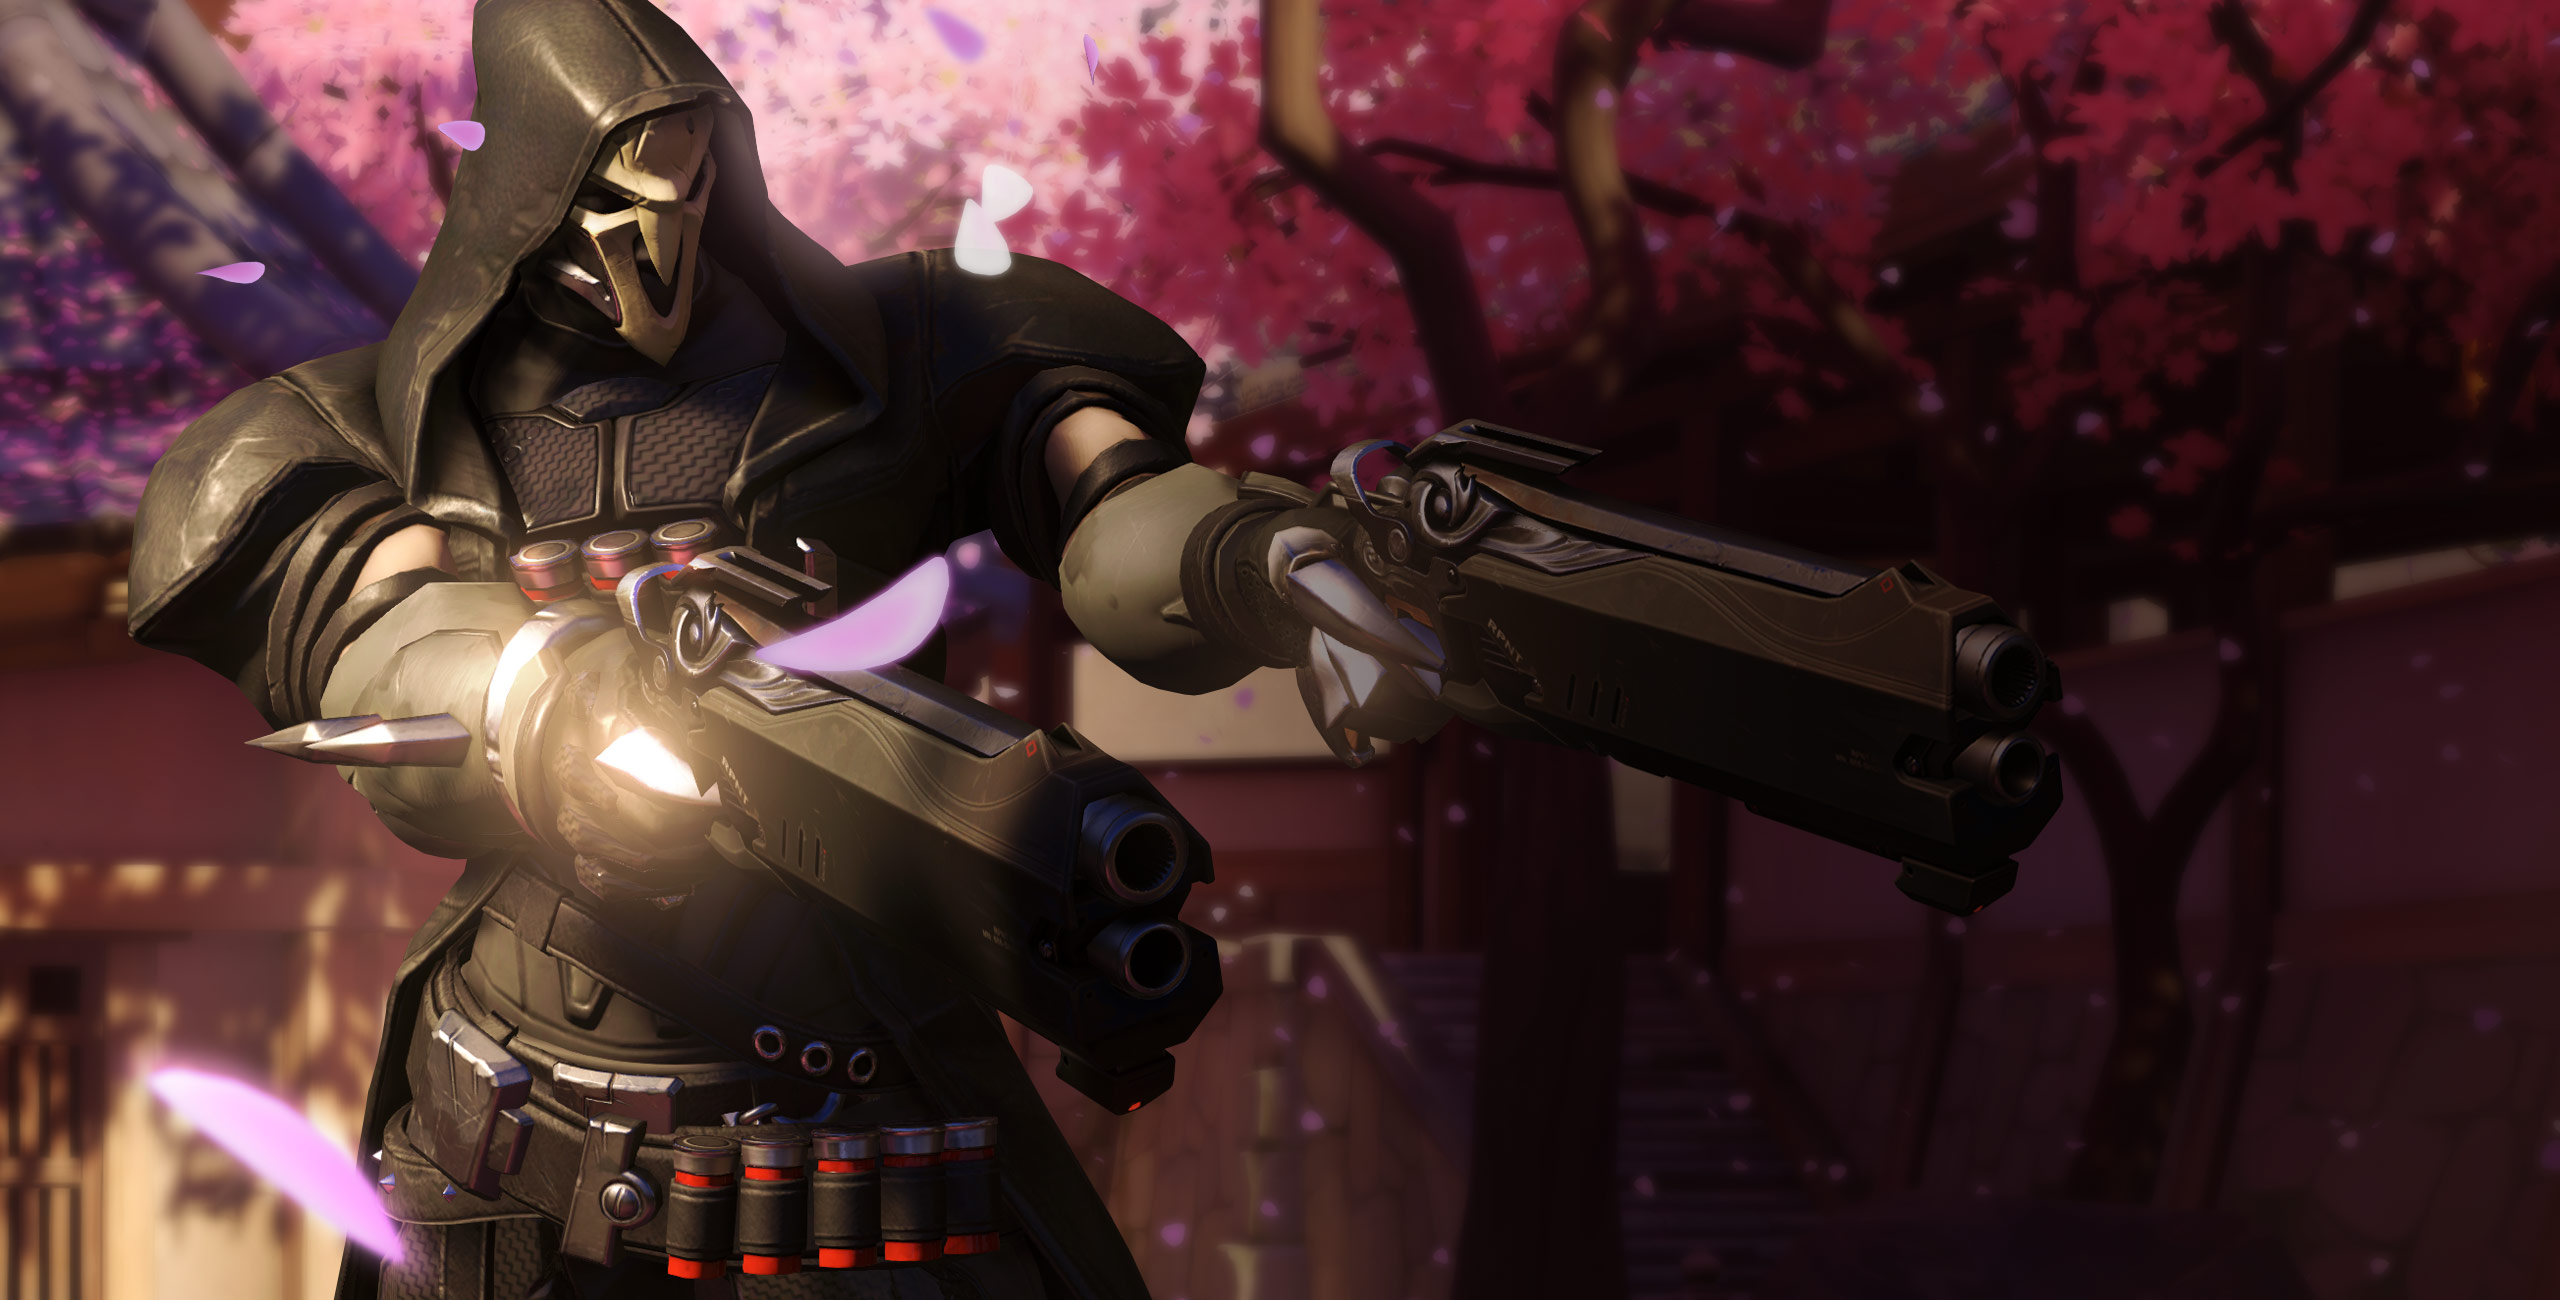 Overwatch: Stirb! Stirb! Stirb! – Neuer Reaper-Skin in den Summer Games